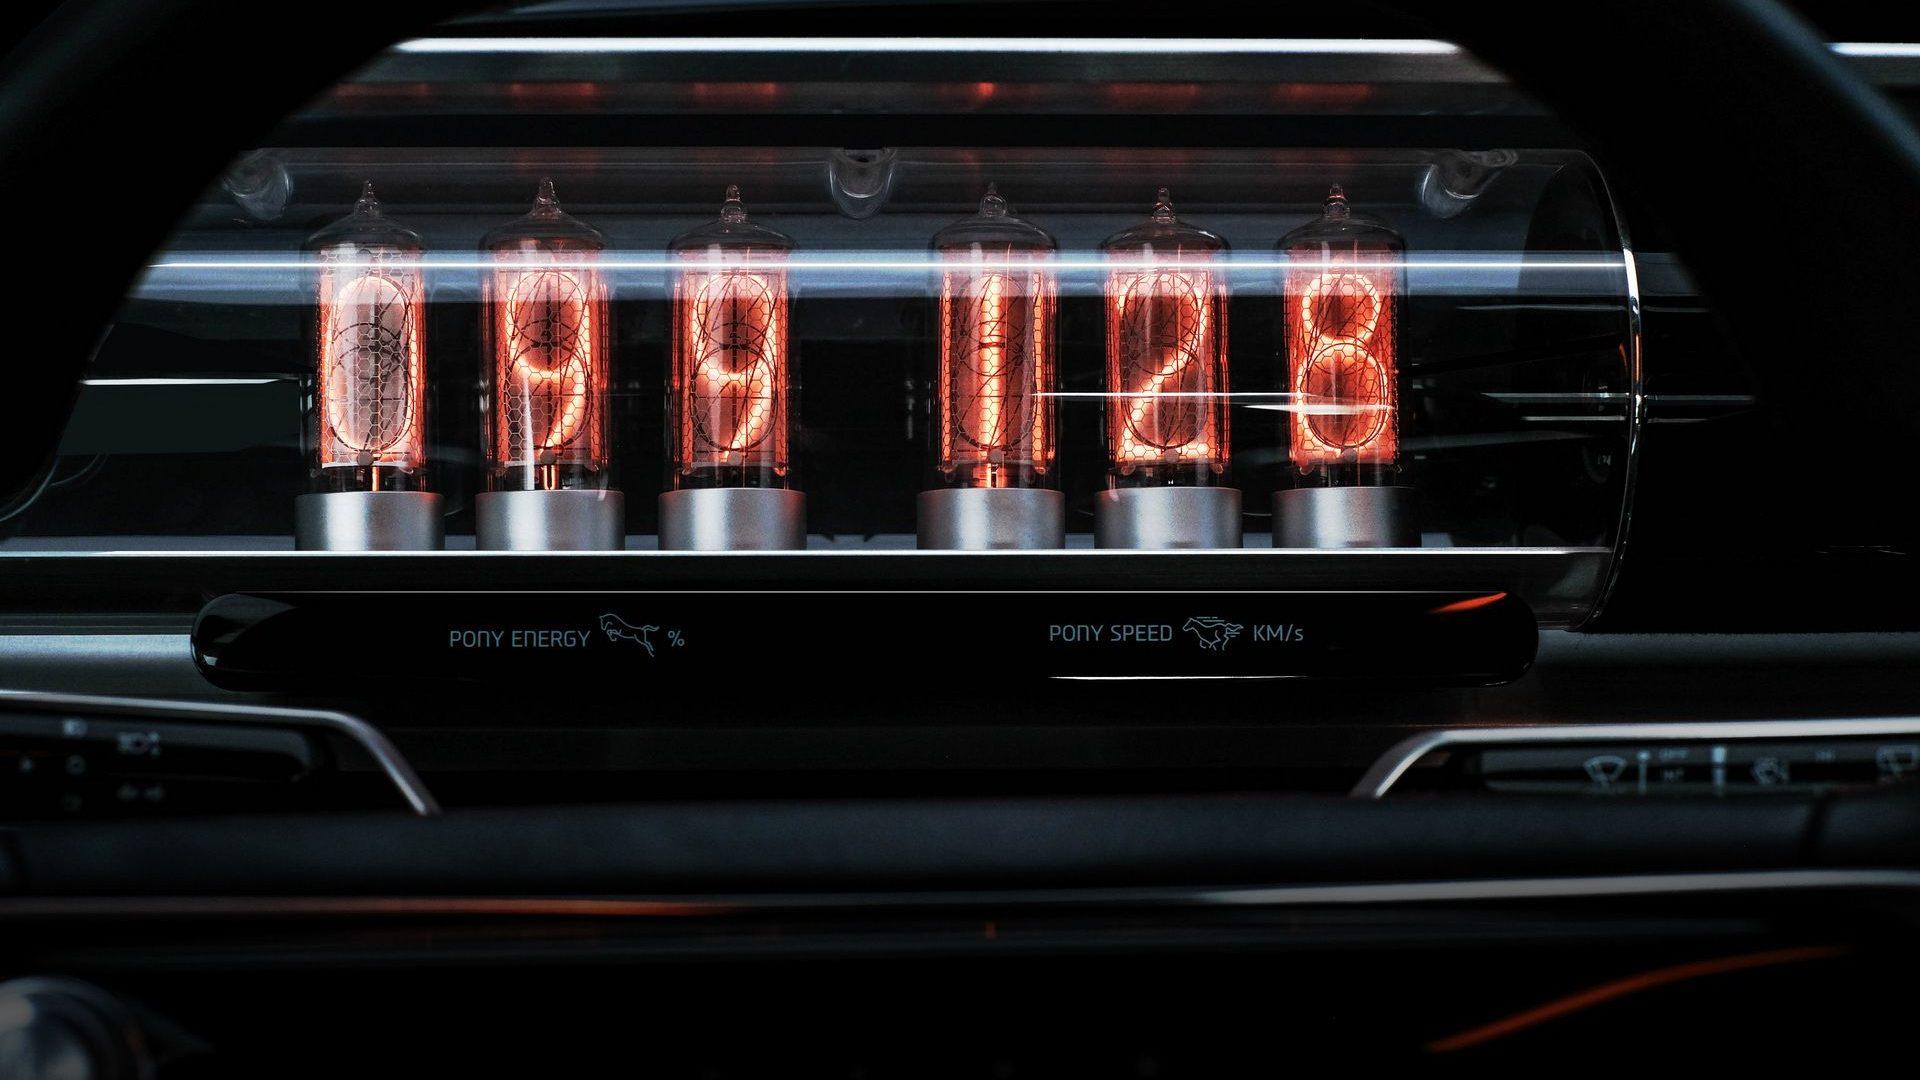 2021-Hyundai-Pony-EV-Show-Car-Interior-11